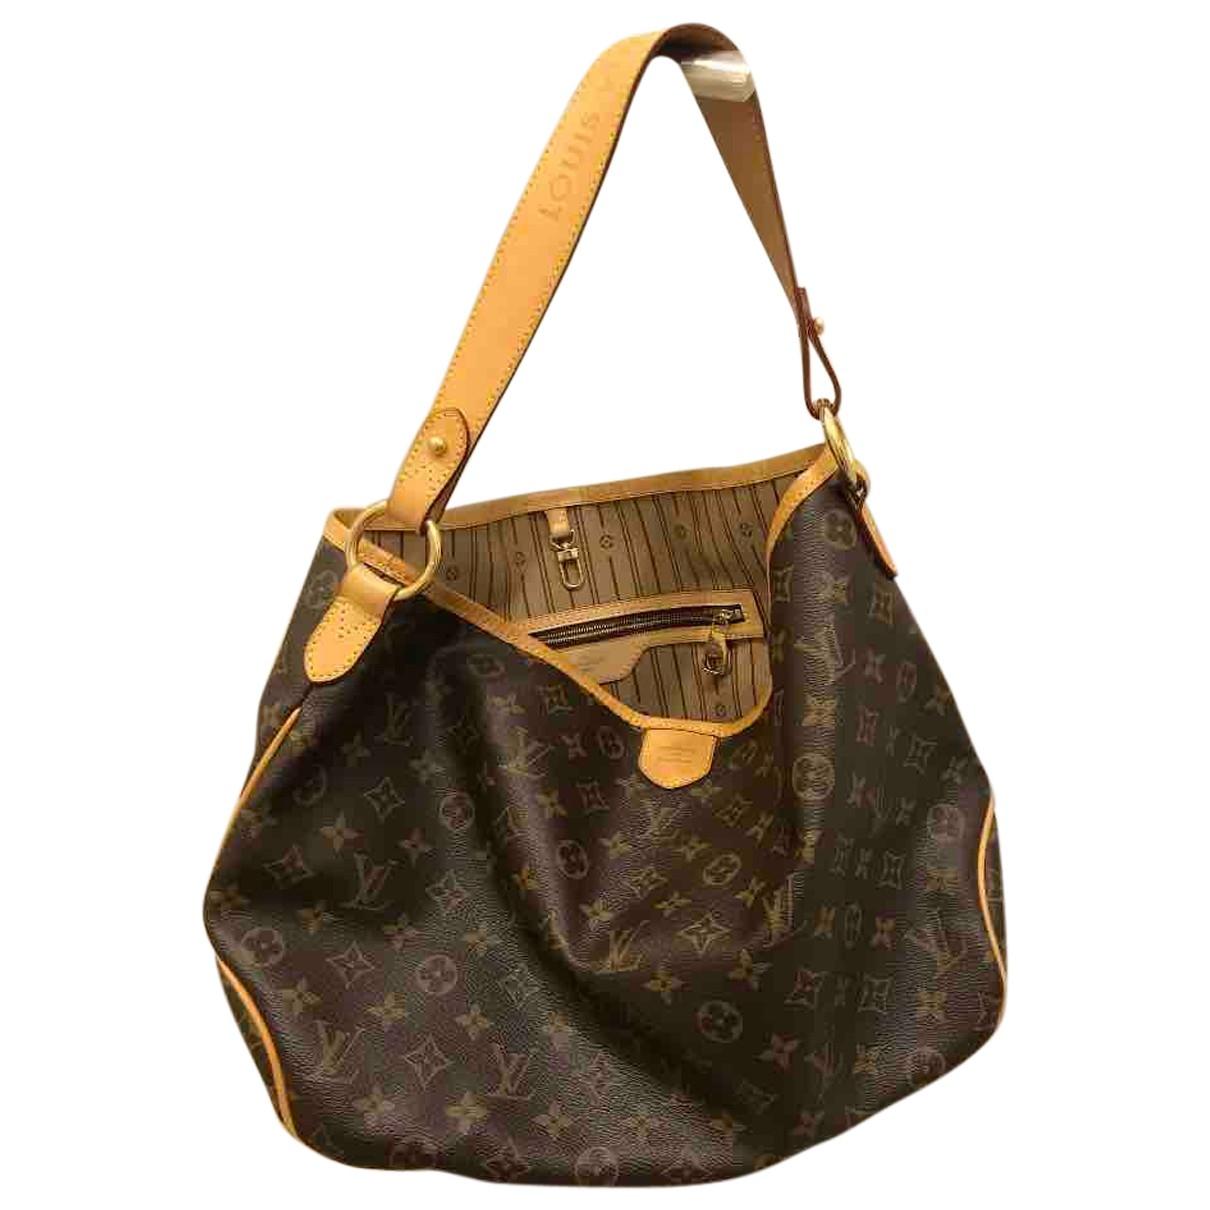 Louis Vuitton - Sac a main Delightful pour femme en toile - marron